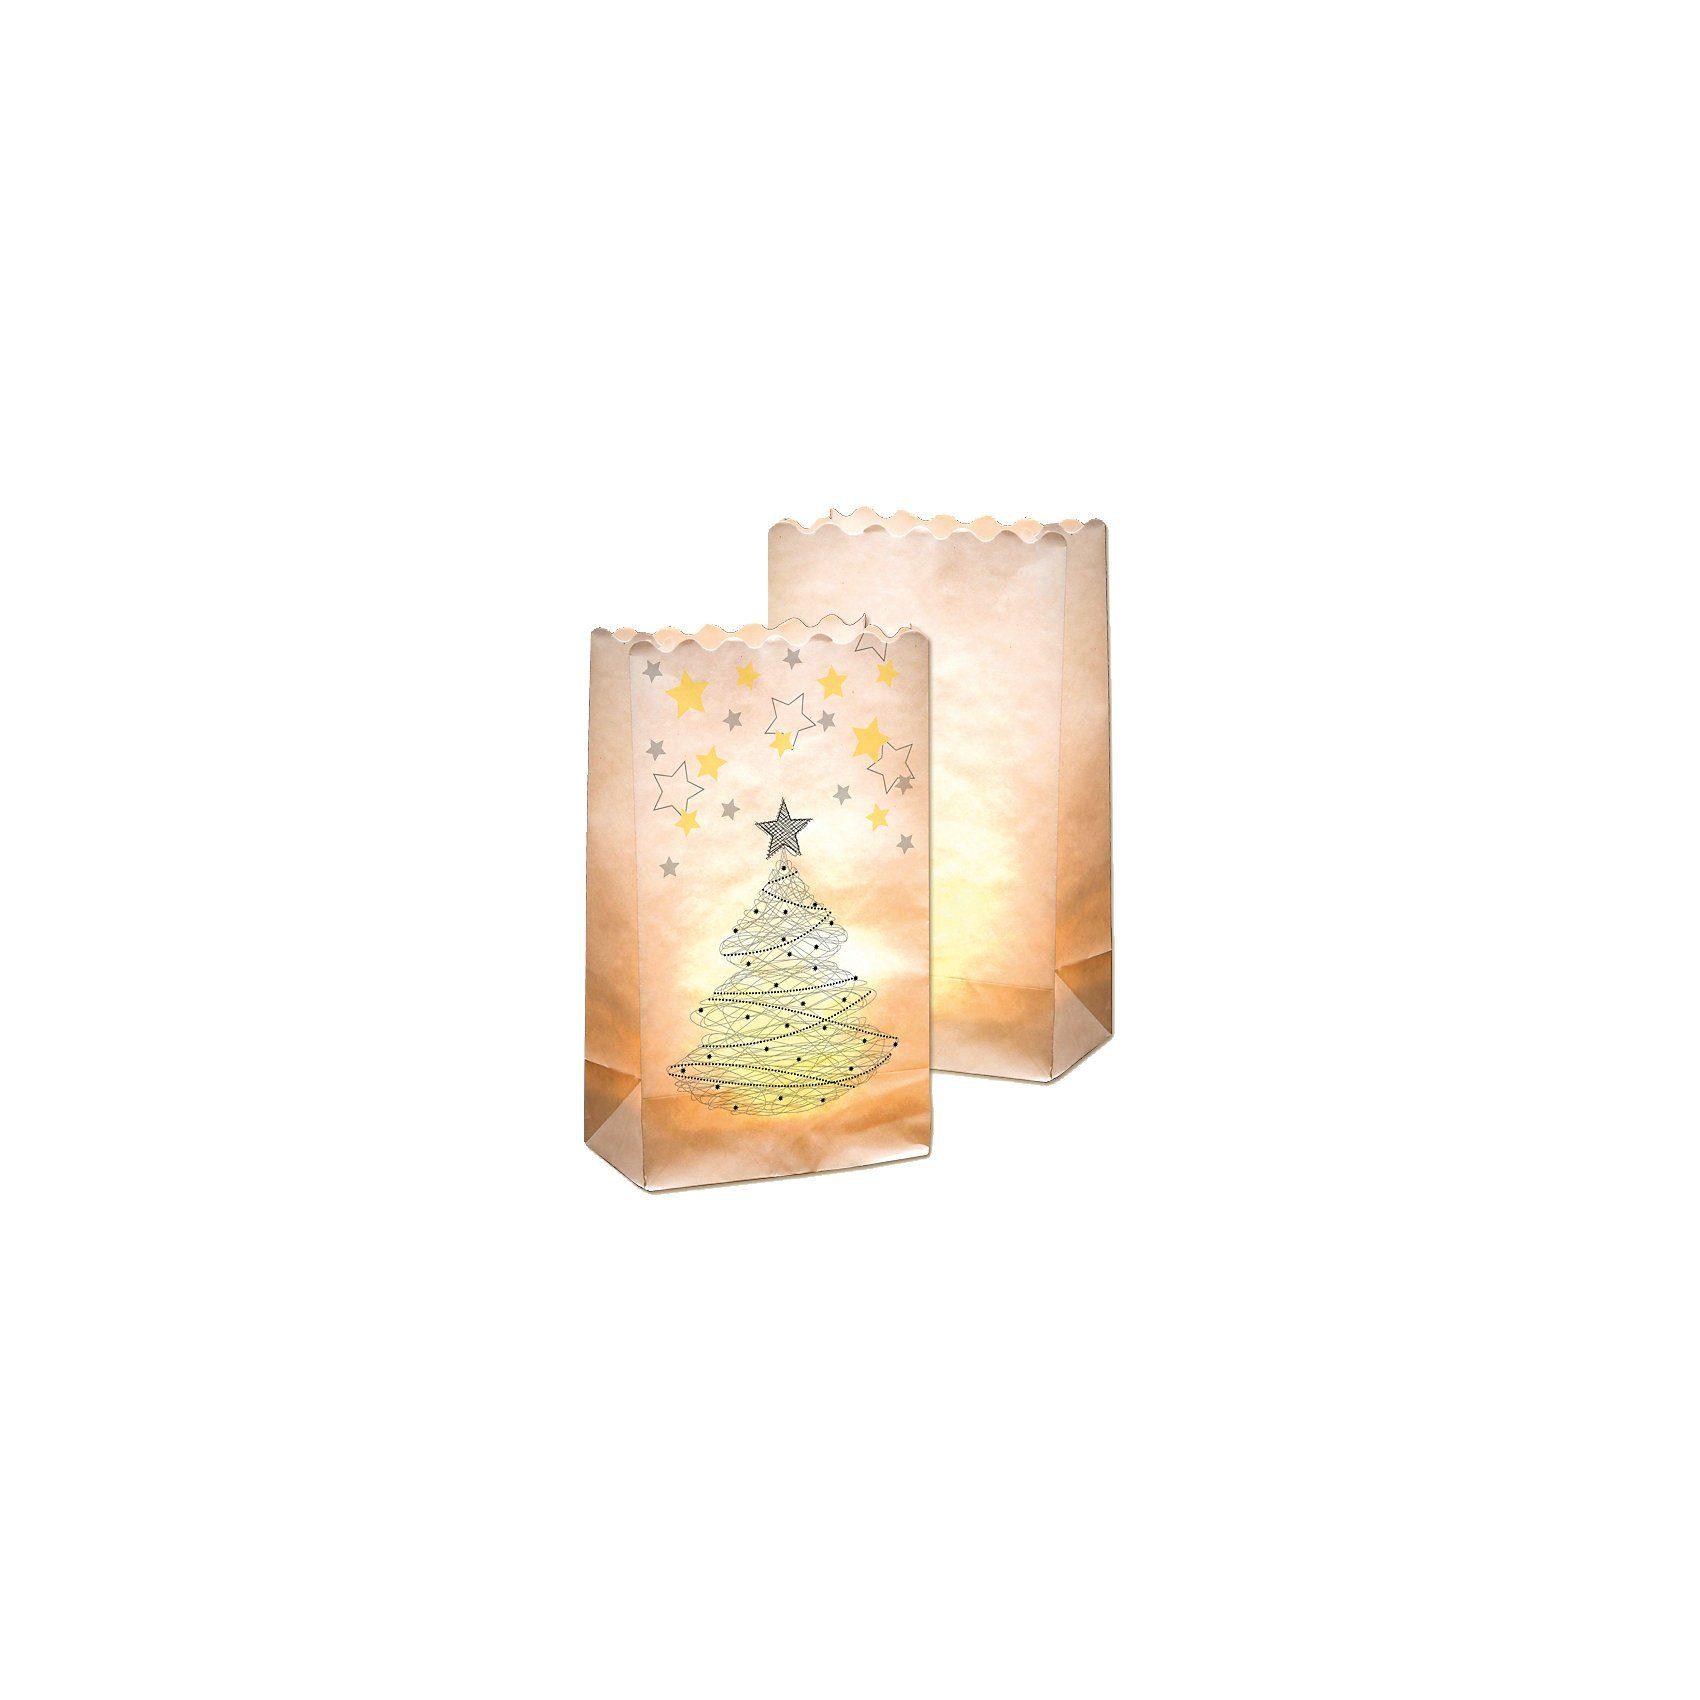 Folia Lichtertüten aus Papier Motiv Weihnachtsbaum, 10 Stück